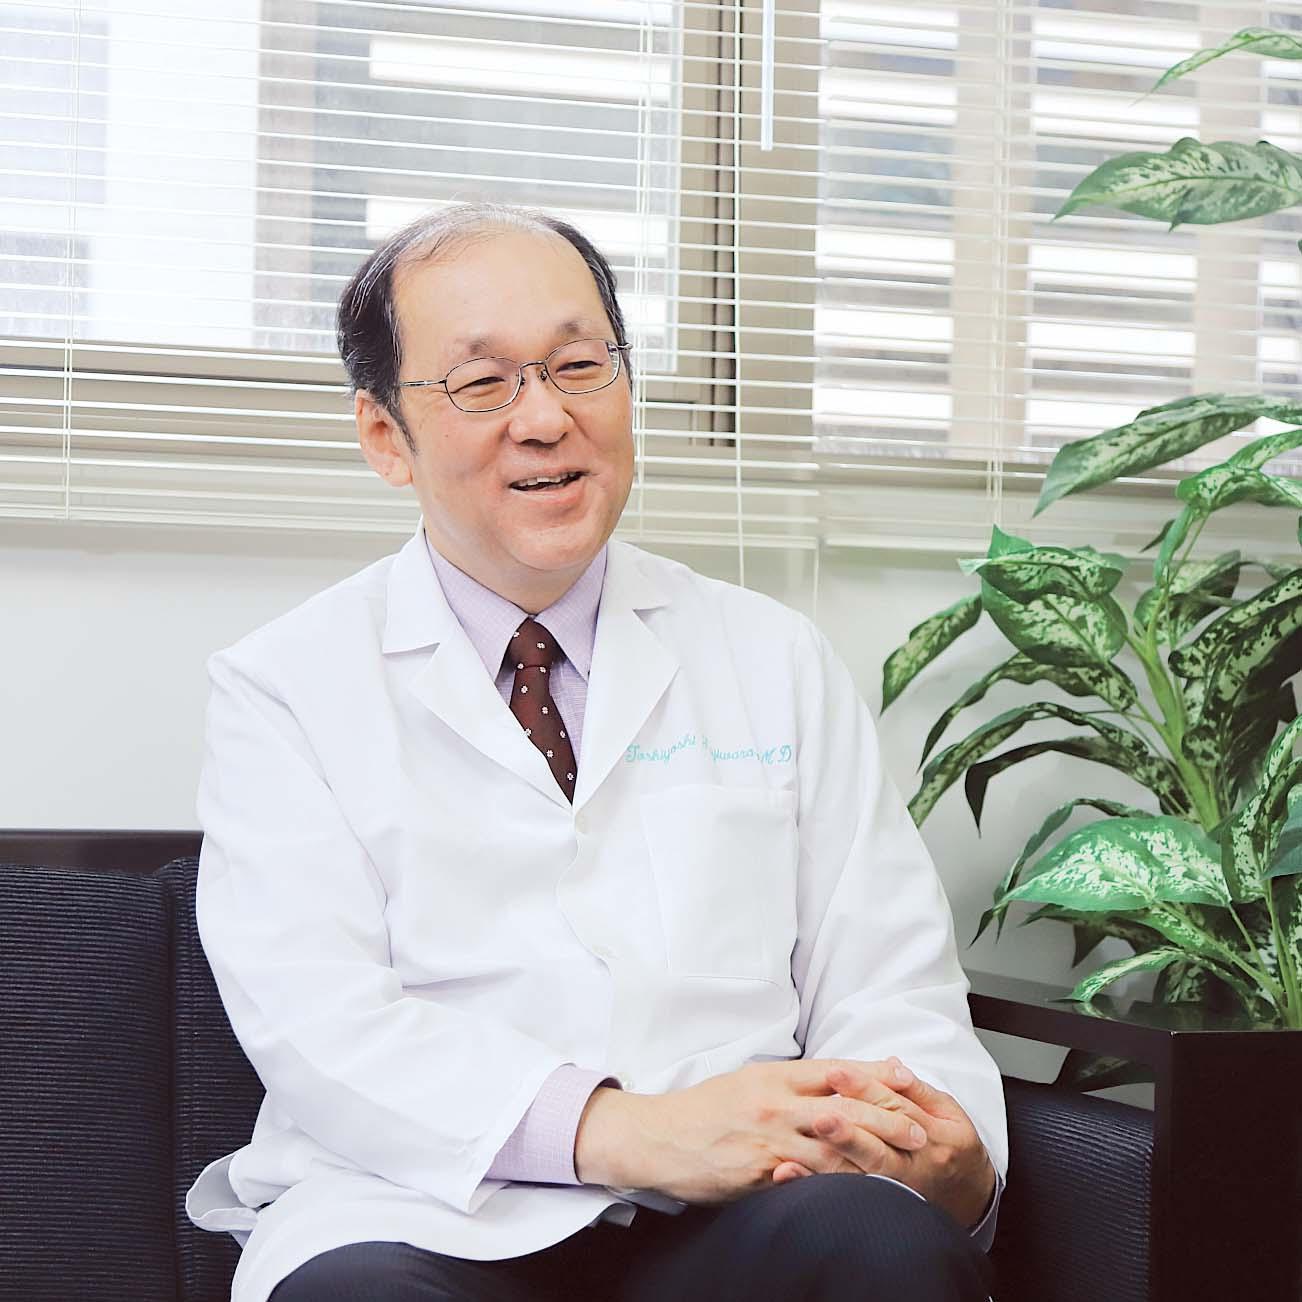 食道がん治療に光明 ウイルス製剤「テロメライシン」